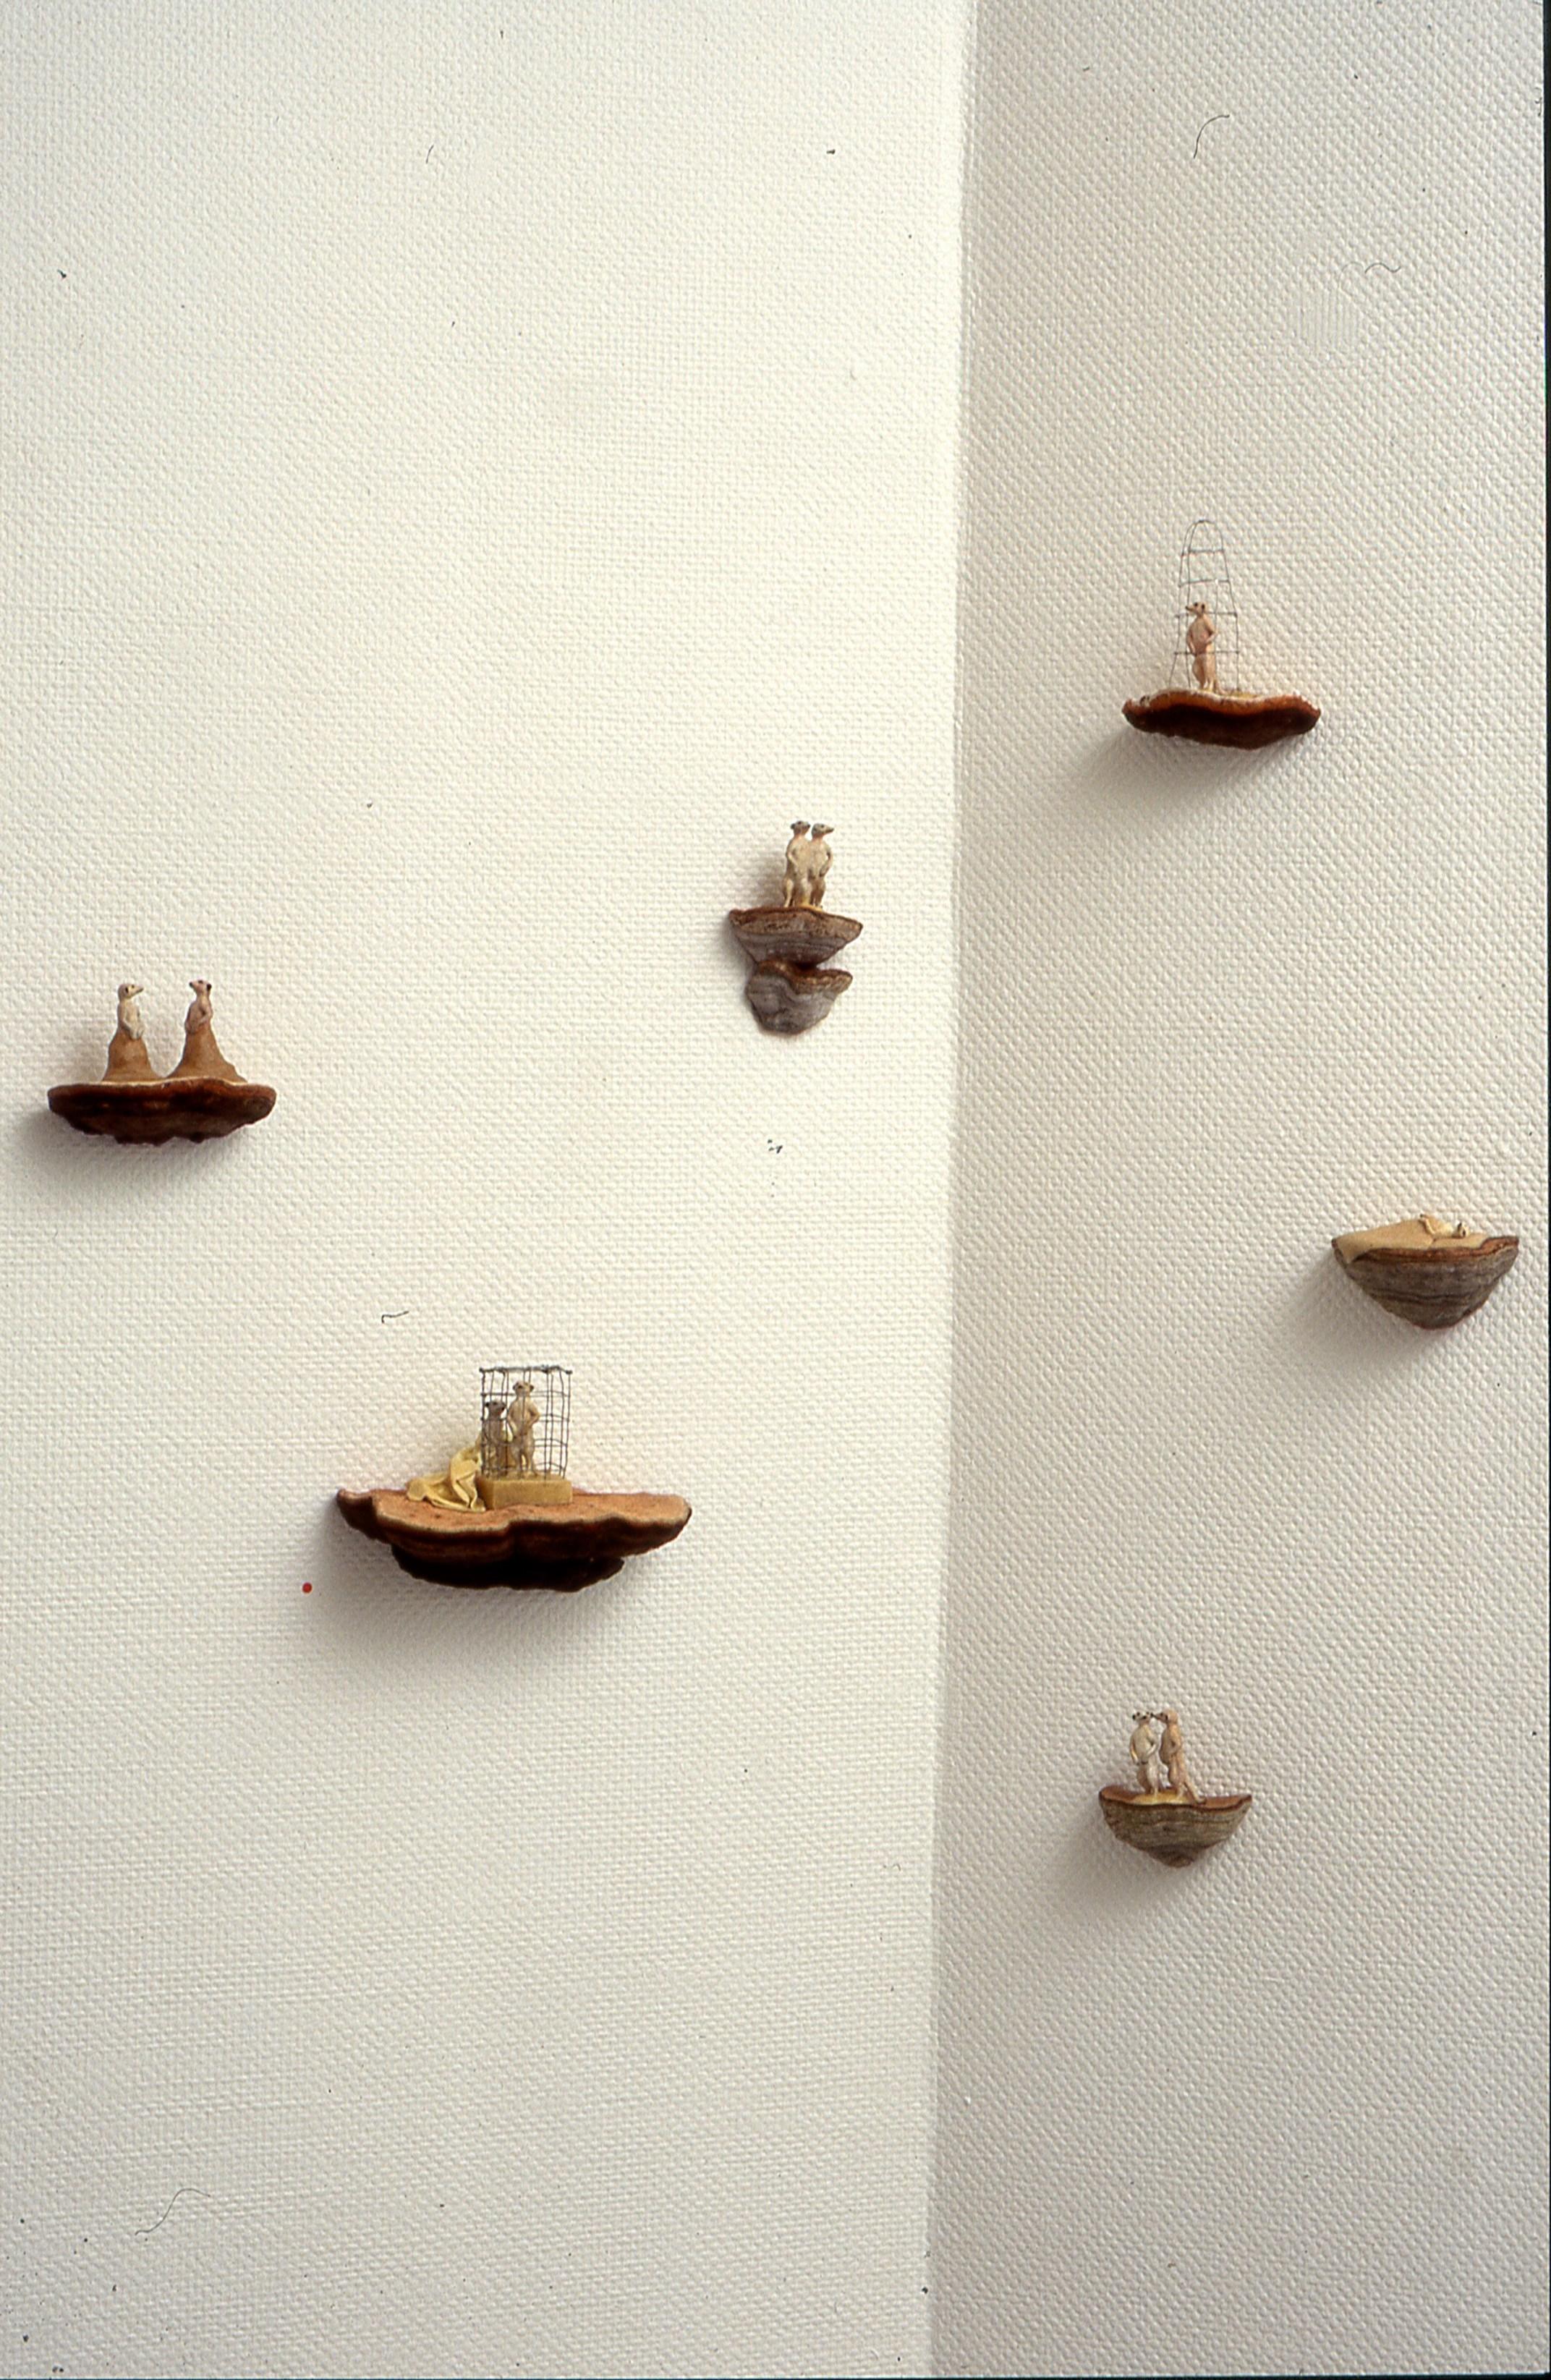 Antropomorfe oppstillinger, kjuke, plastfigur, voks, 2000